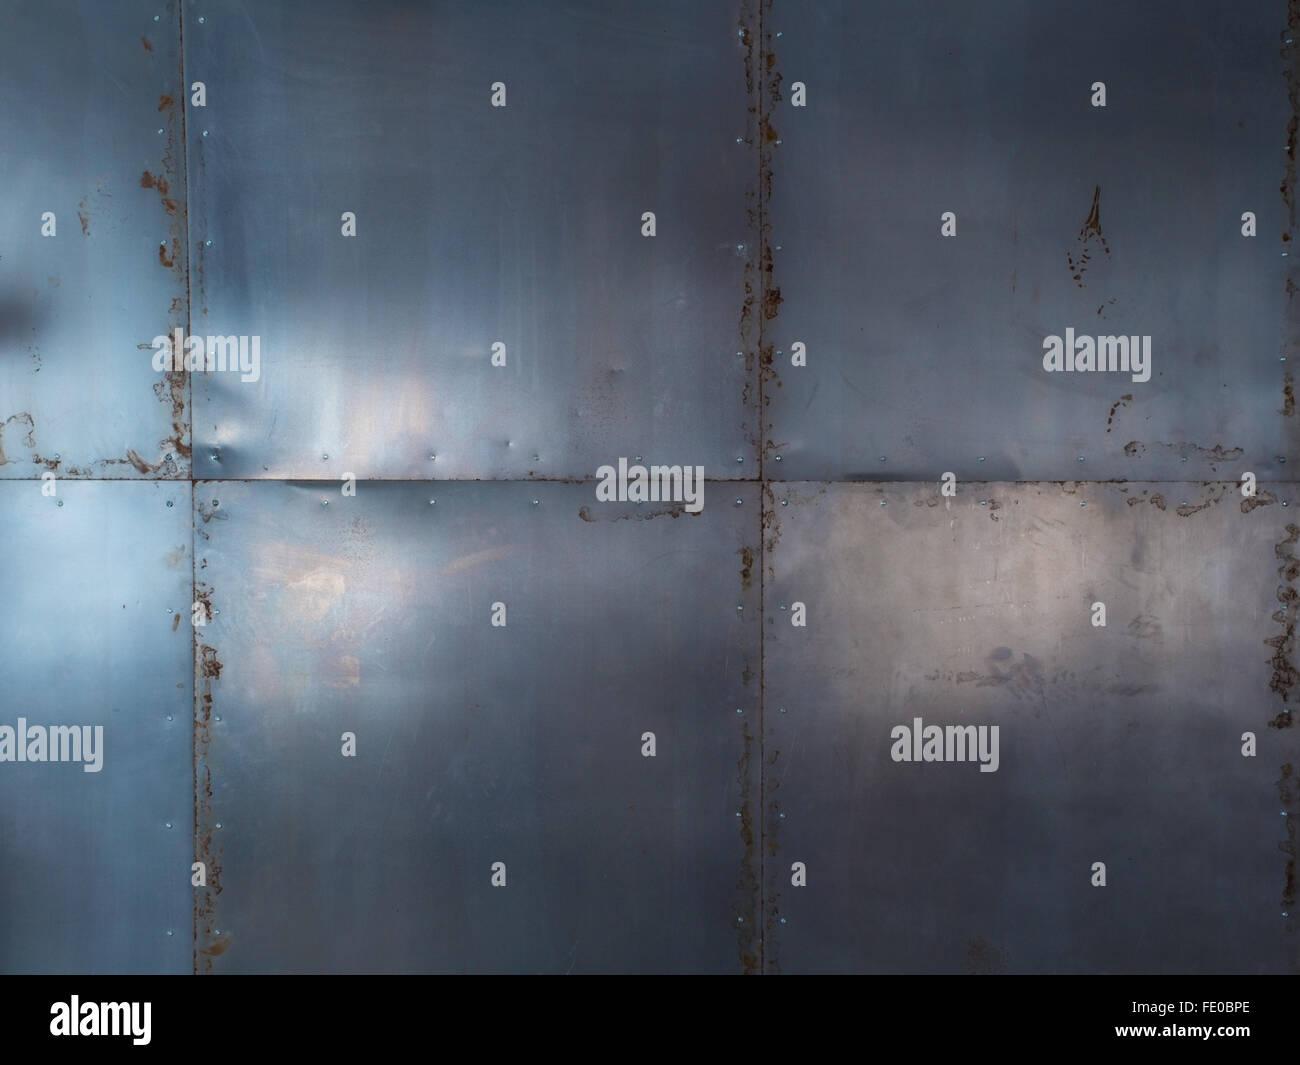 Super Eisenflecken Stockfotos & Eisenflecken Bilder - Alamy XQ64